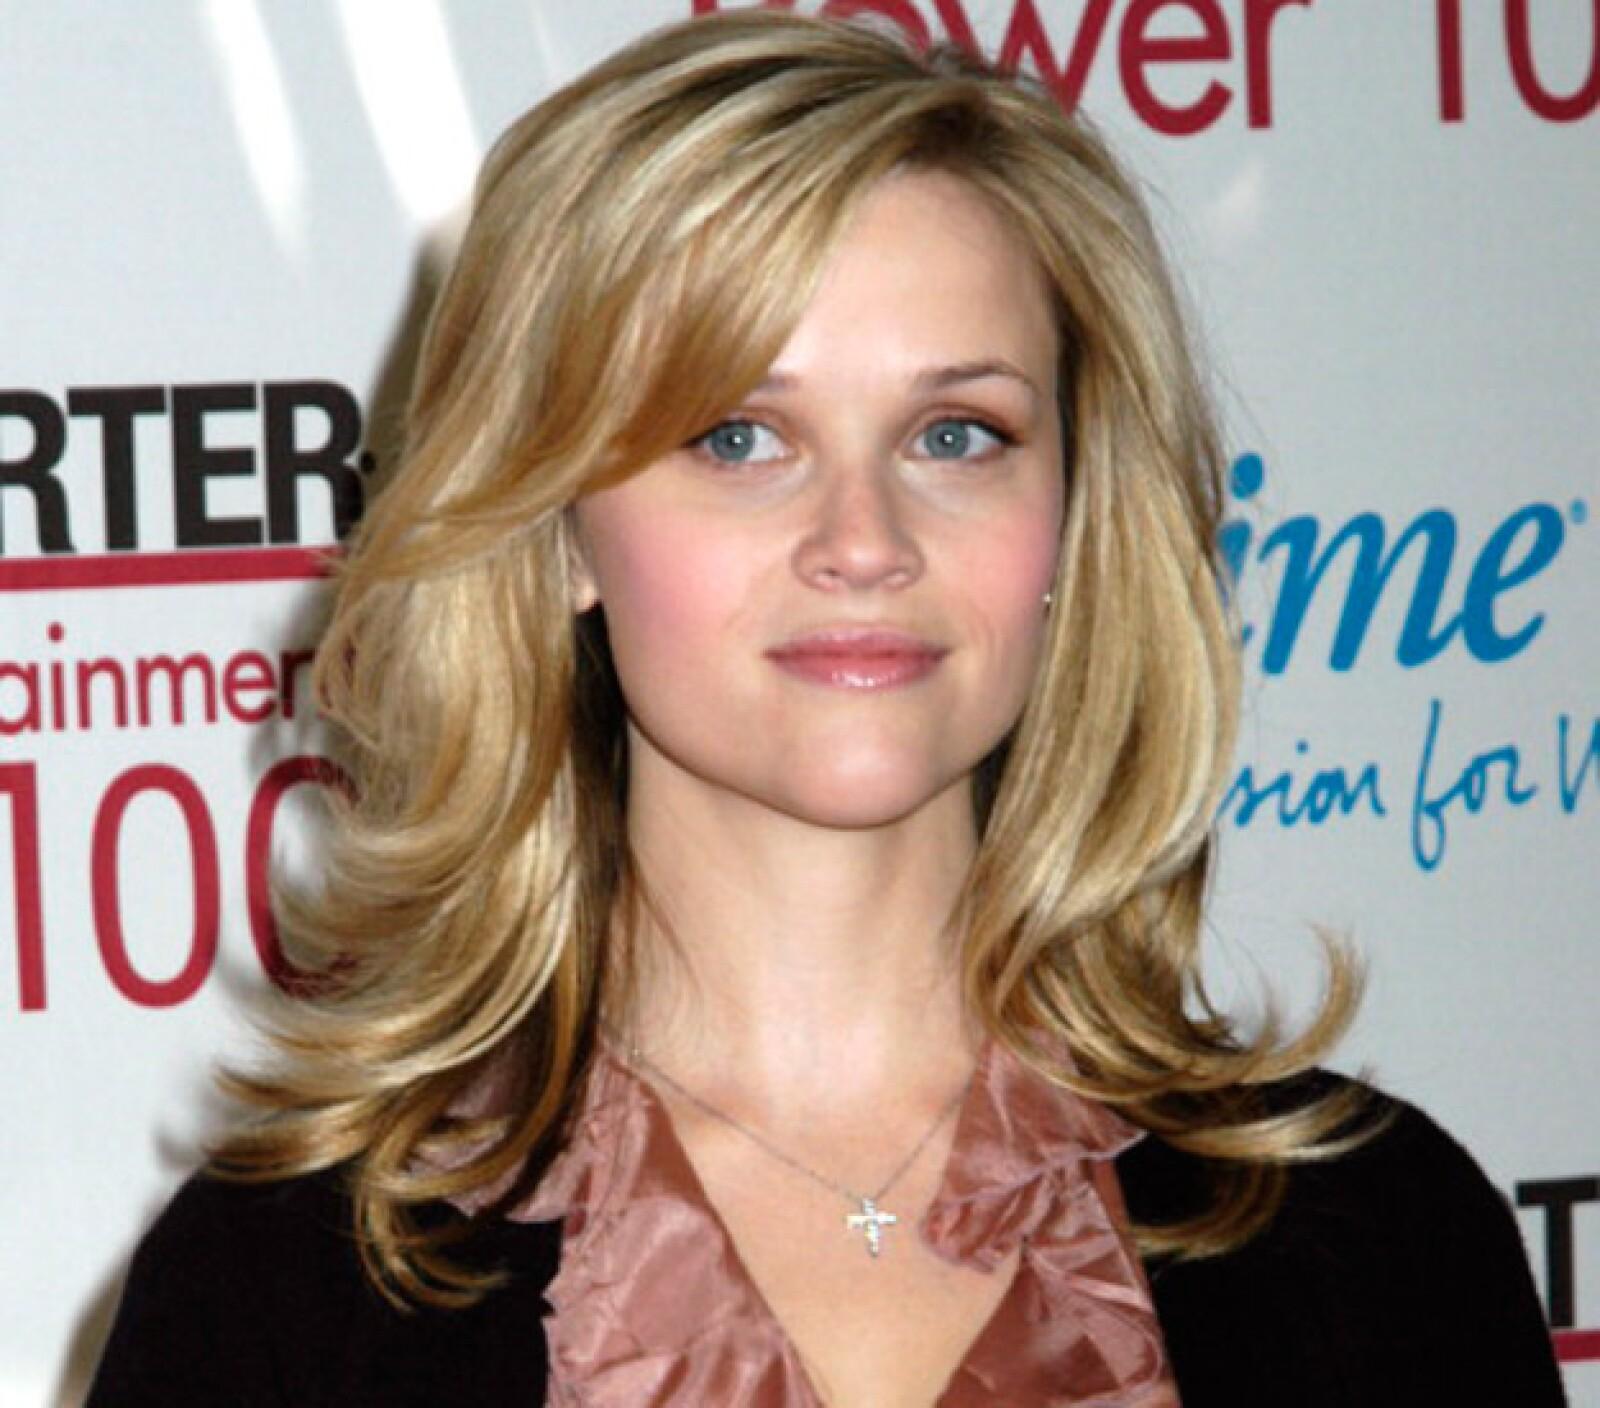 Reese hasta conserva el mismo peinado de antes y continua con ese fresco glow a sus 39 años.